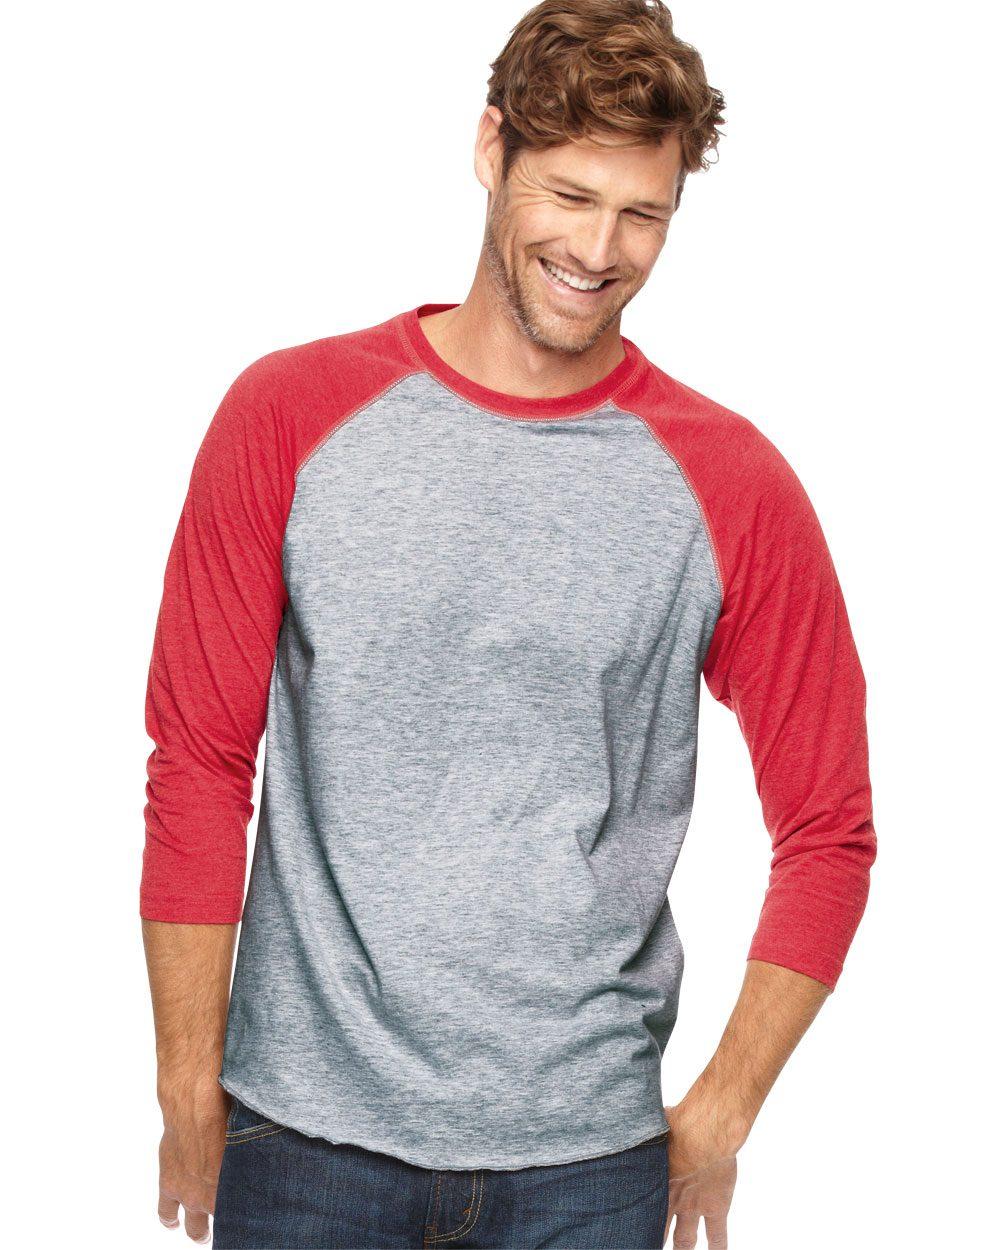 LAT 6930 - Fine Jersey 3 4 Sleeve Baseball T-Shirt 4593e658d